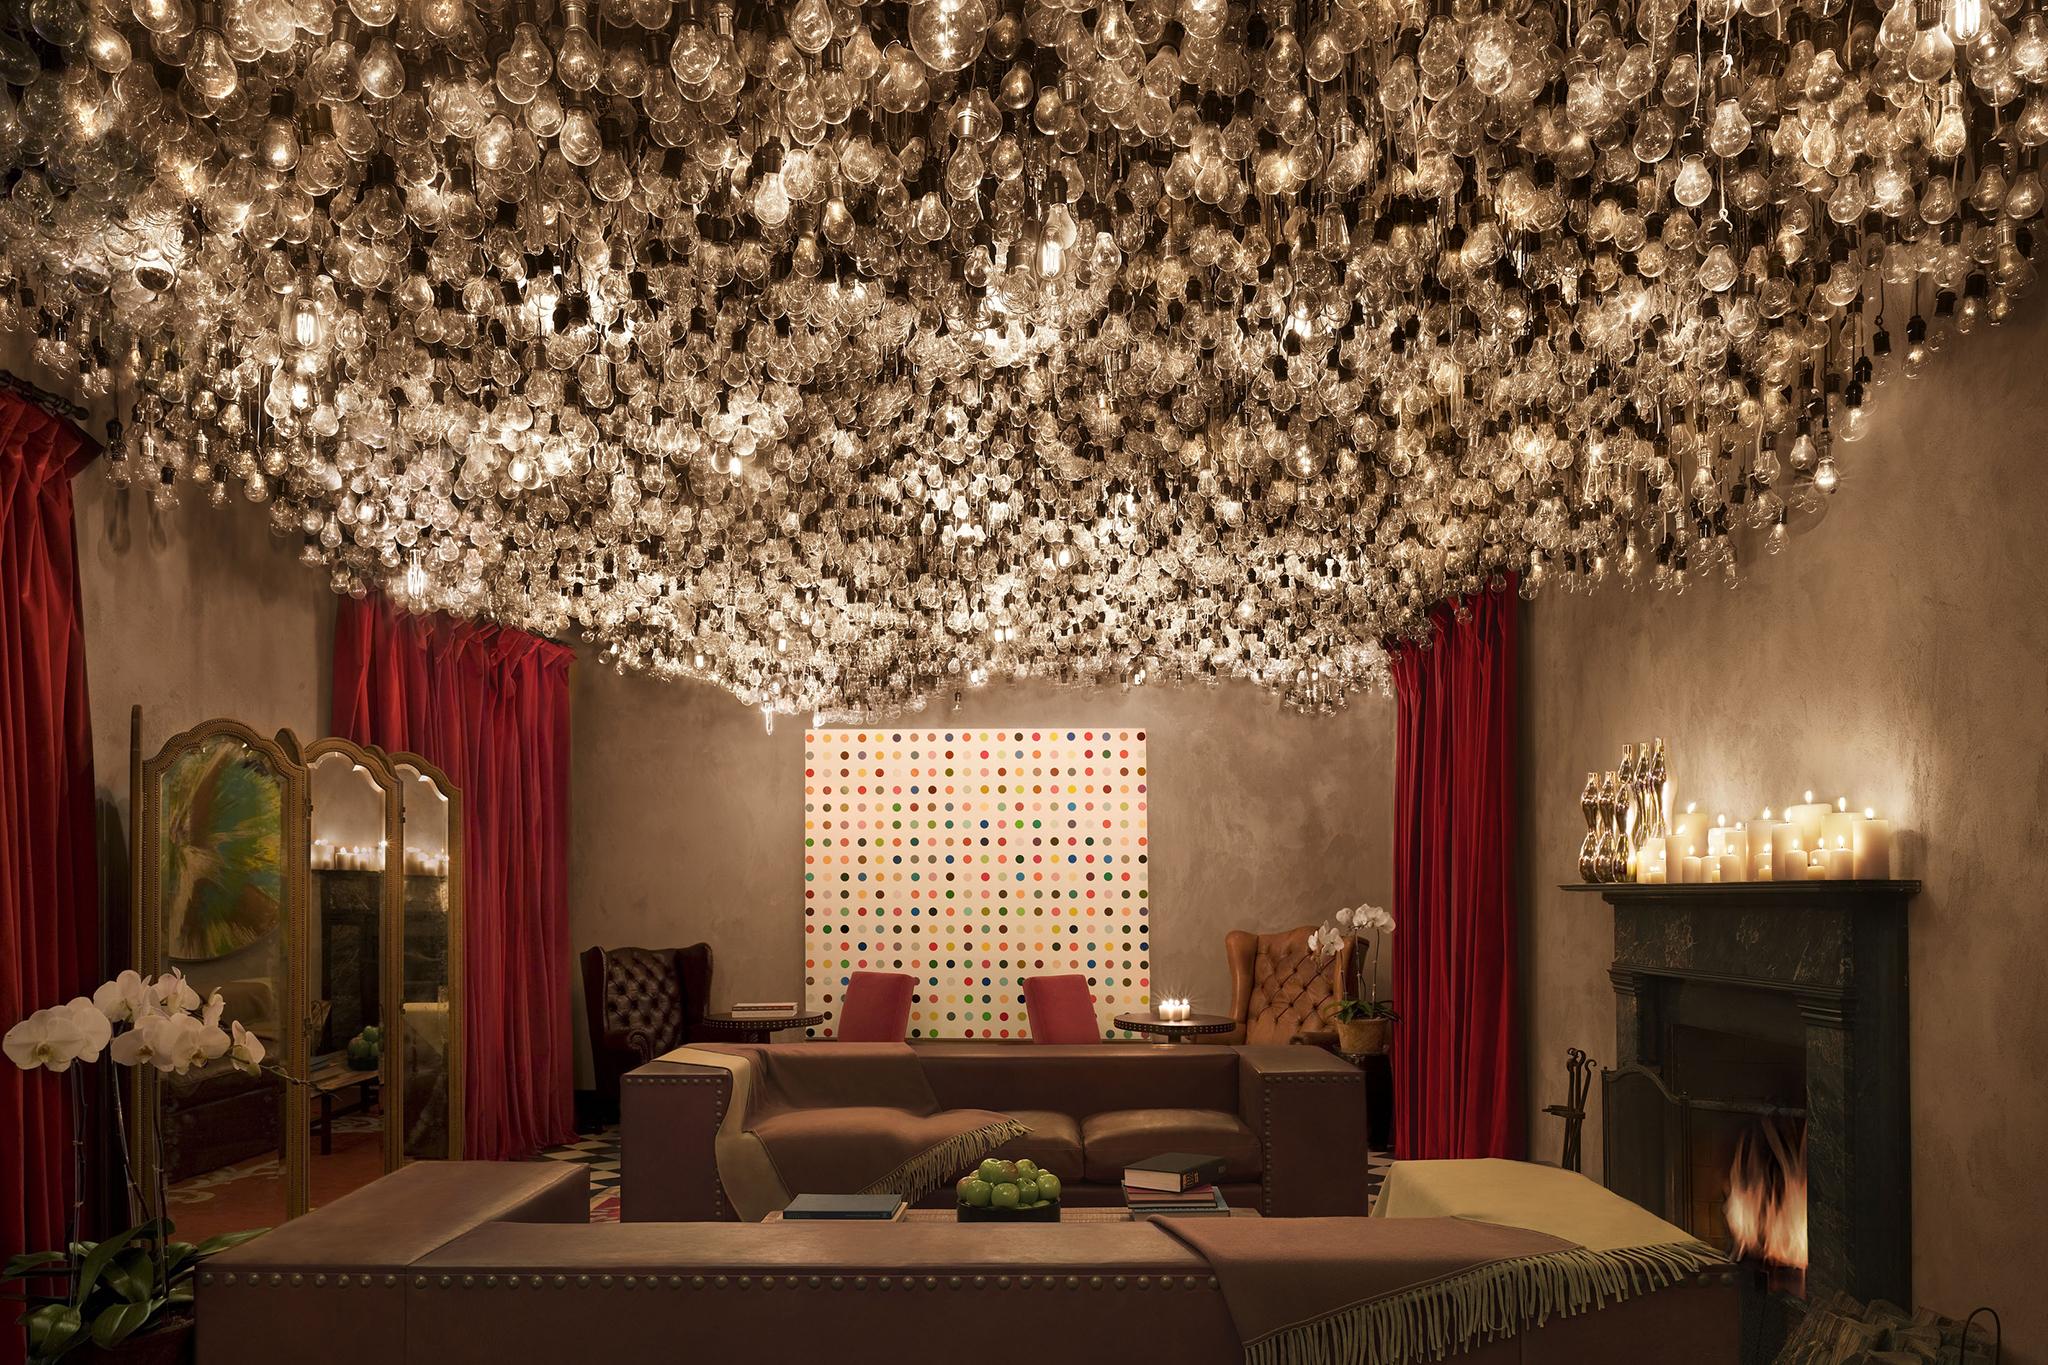 Gramercy Hotel